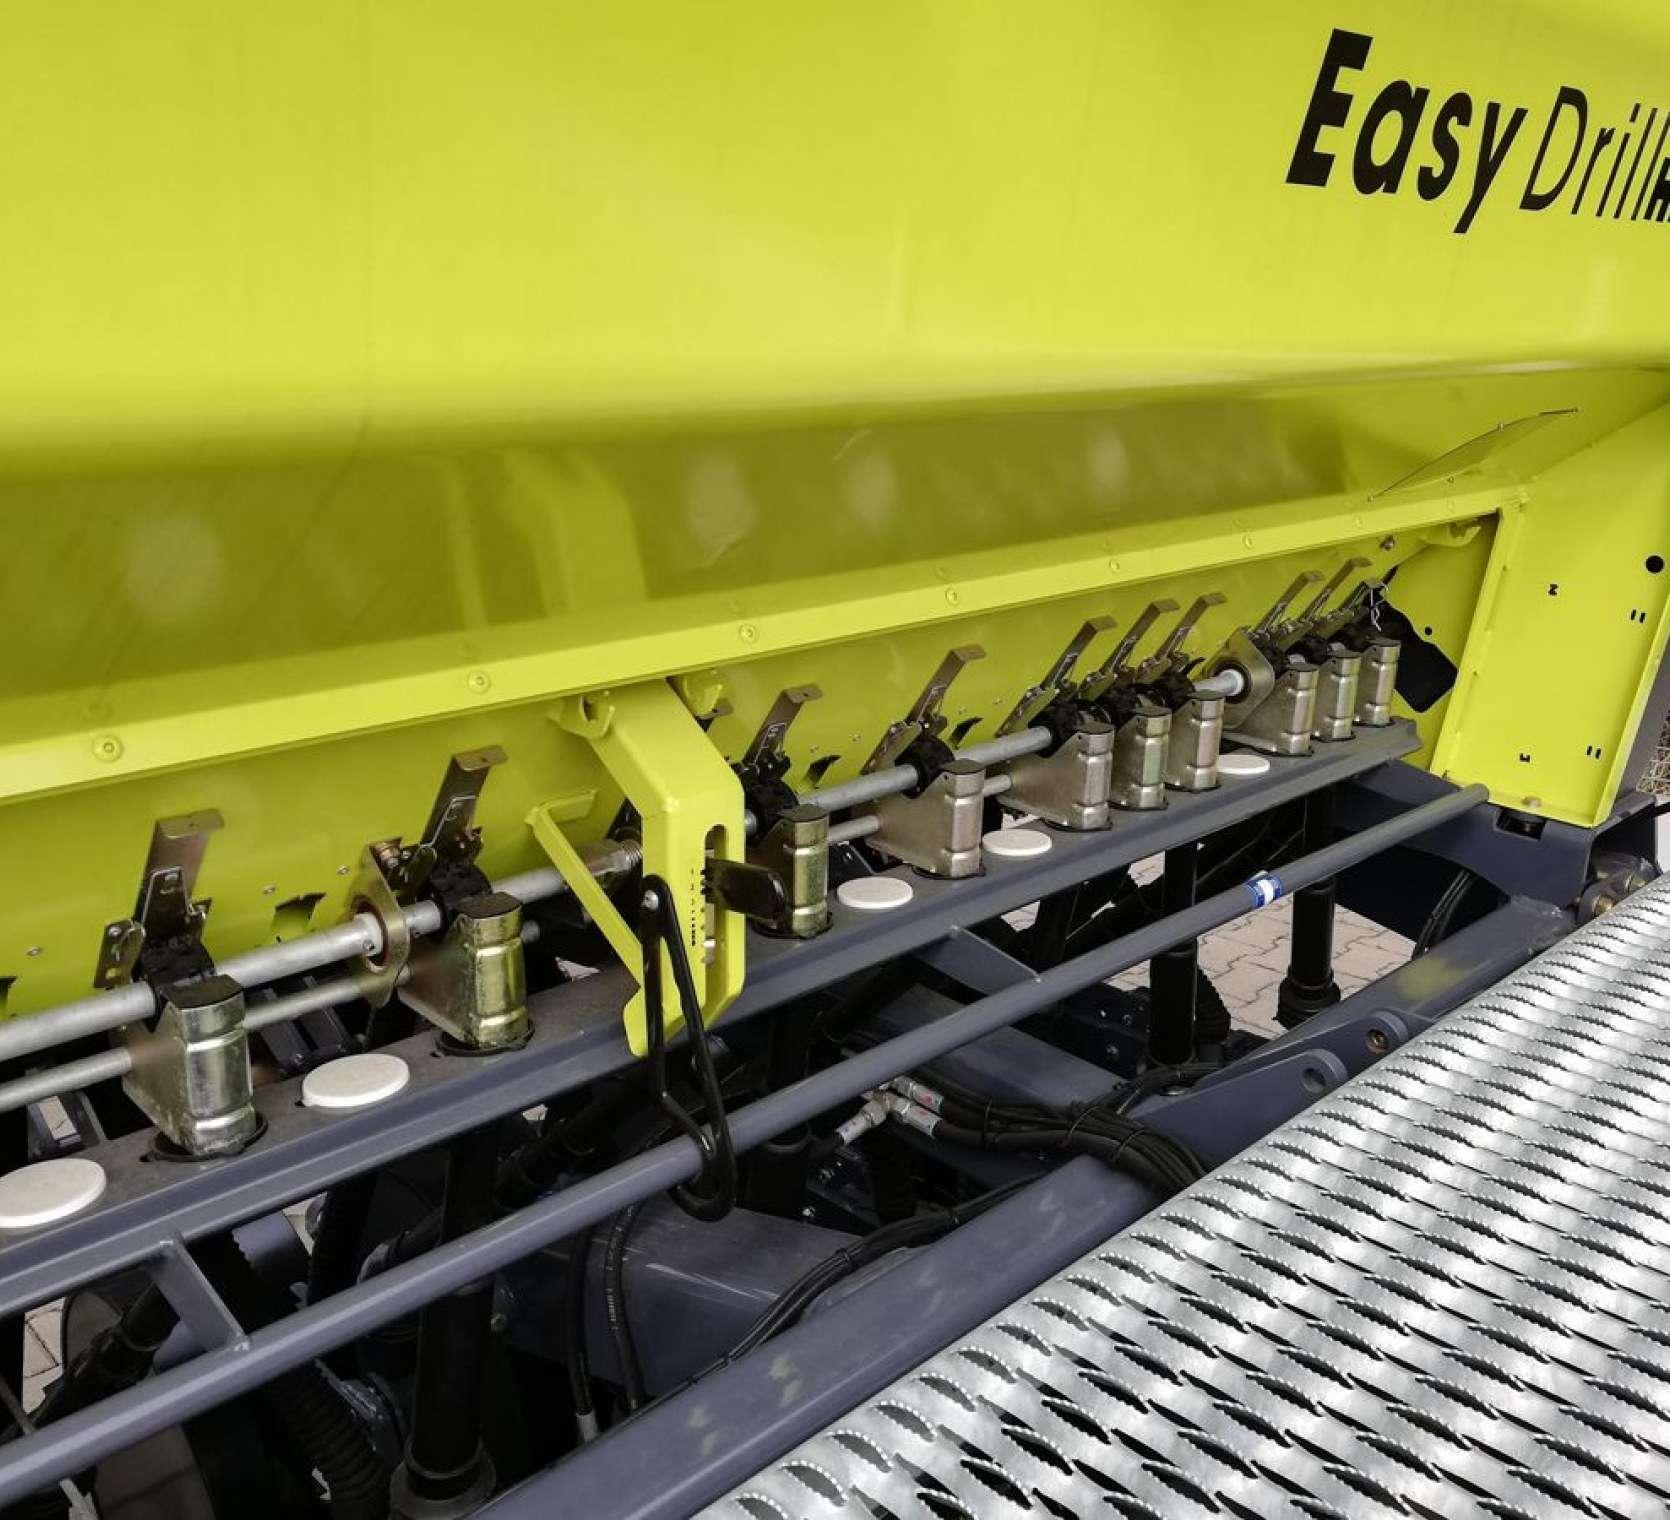 Pomost dostępowy i aparaty kołeczkowe rozdzielające ziarno siewnika Sky Easydrill Fertisem